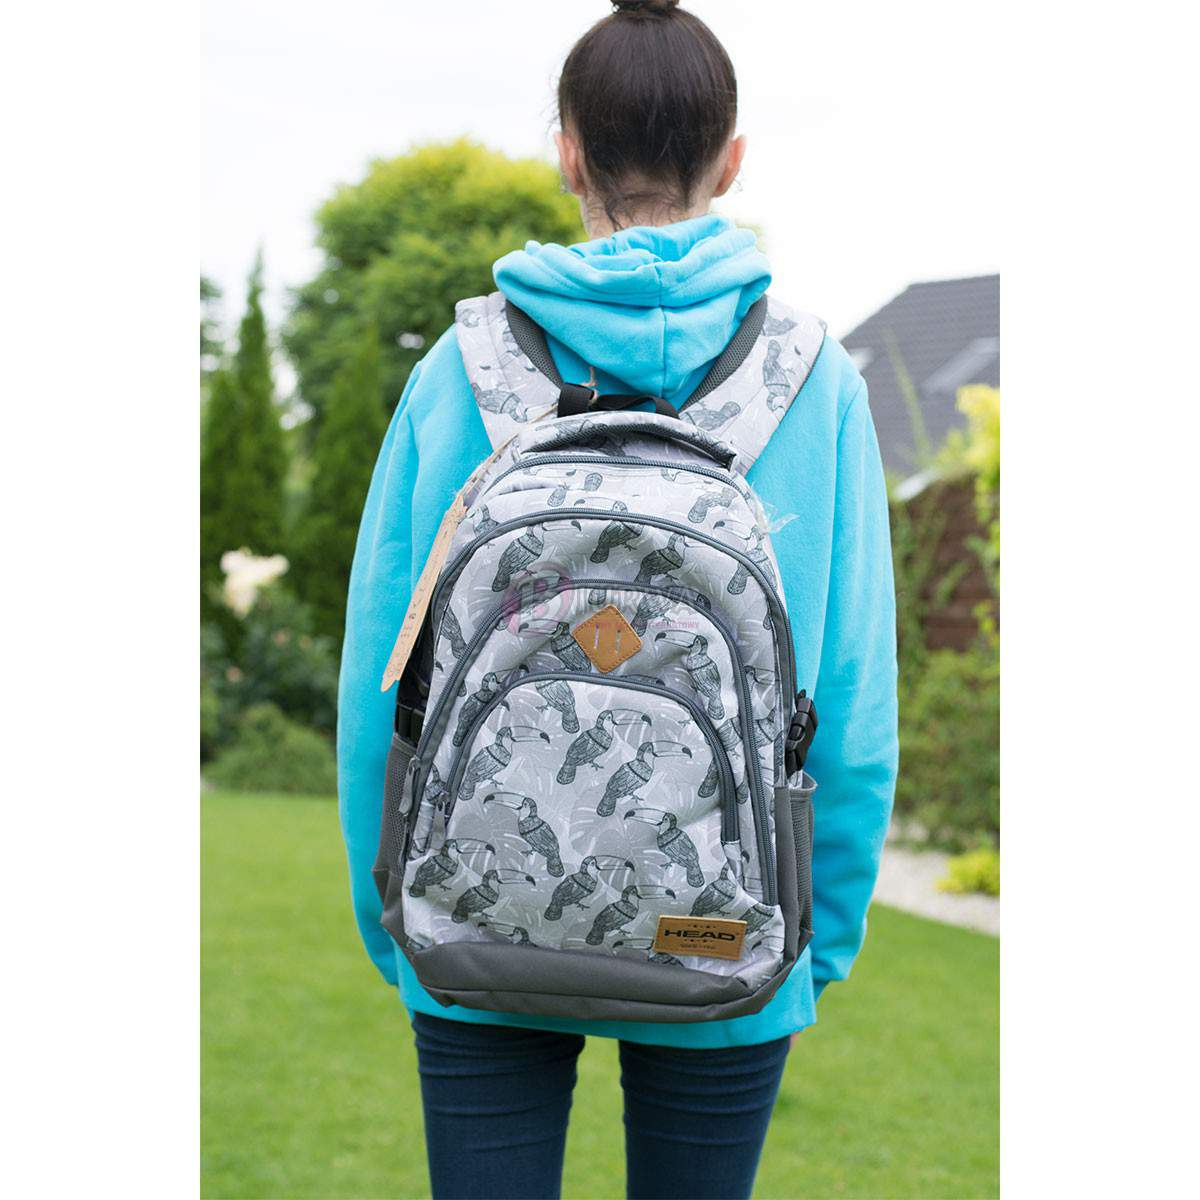 6e0d0002c1351 Plecak szkolny młodzieżowy Head 2 HD-48 - Biurwa.pl